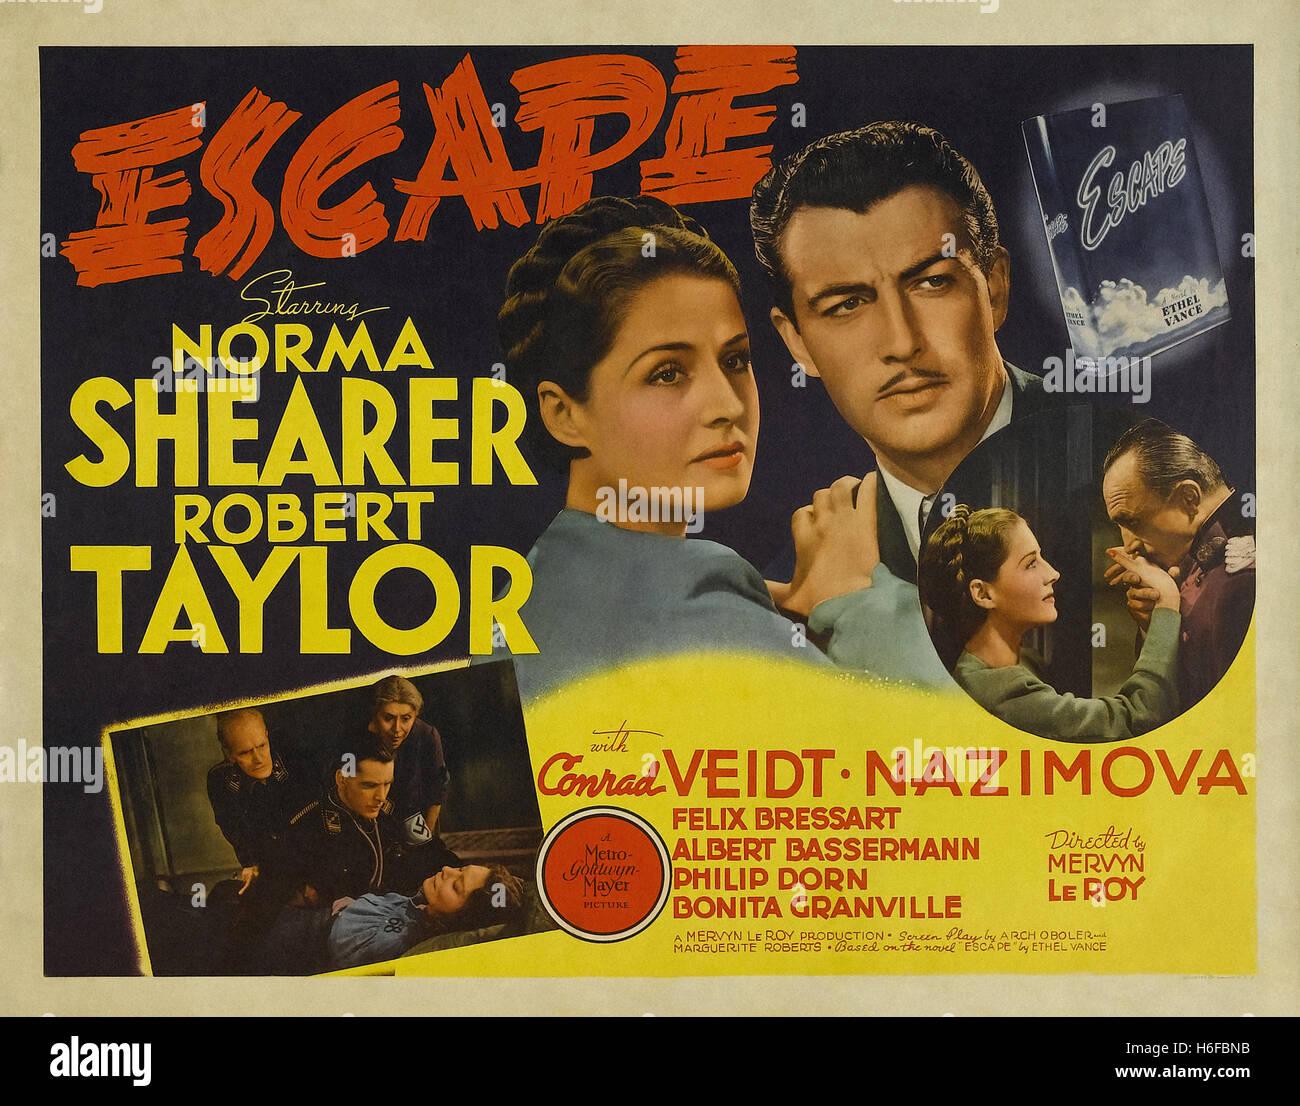 Escape (1940) - Movie Poster - Immagini Stock